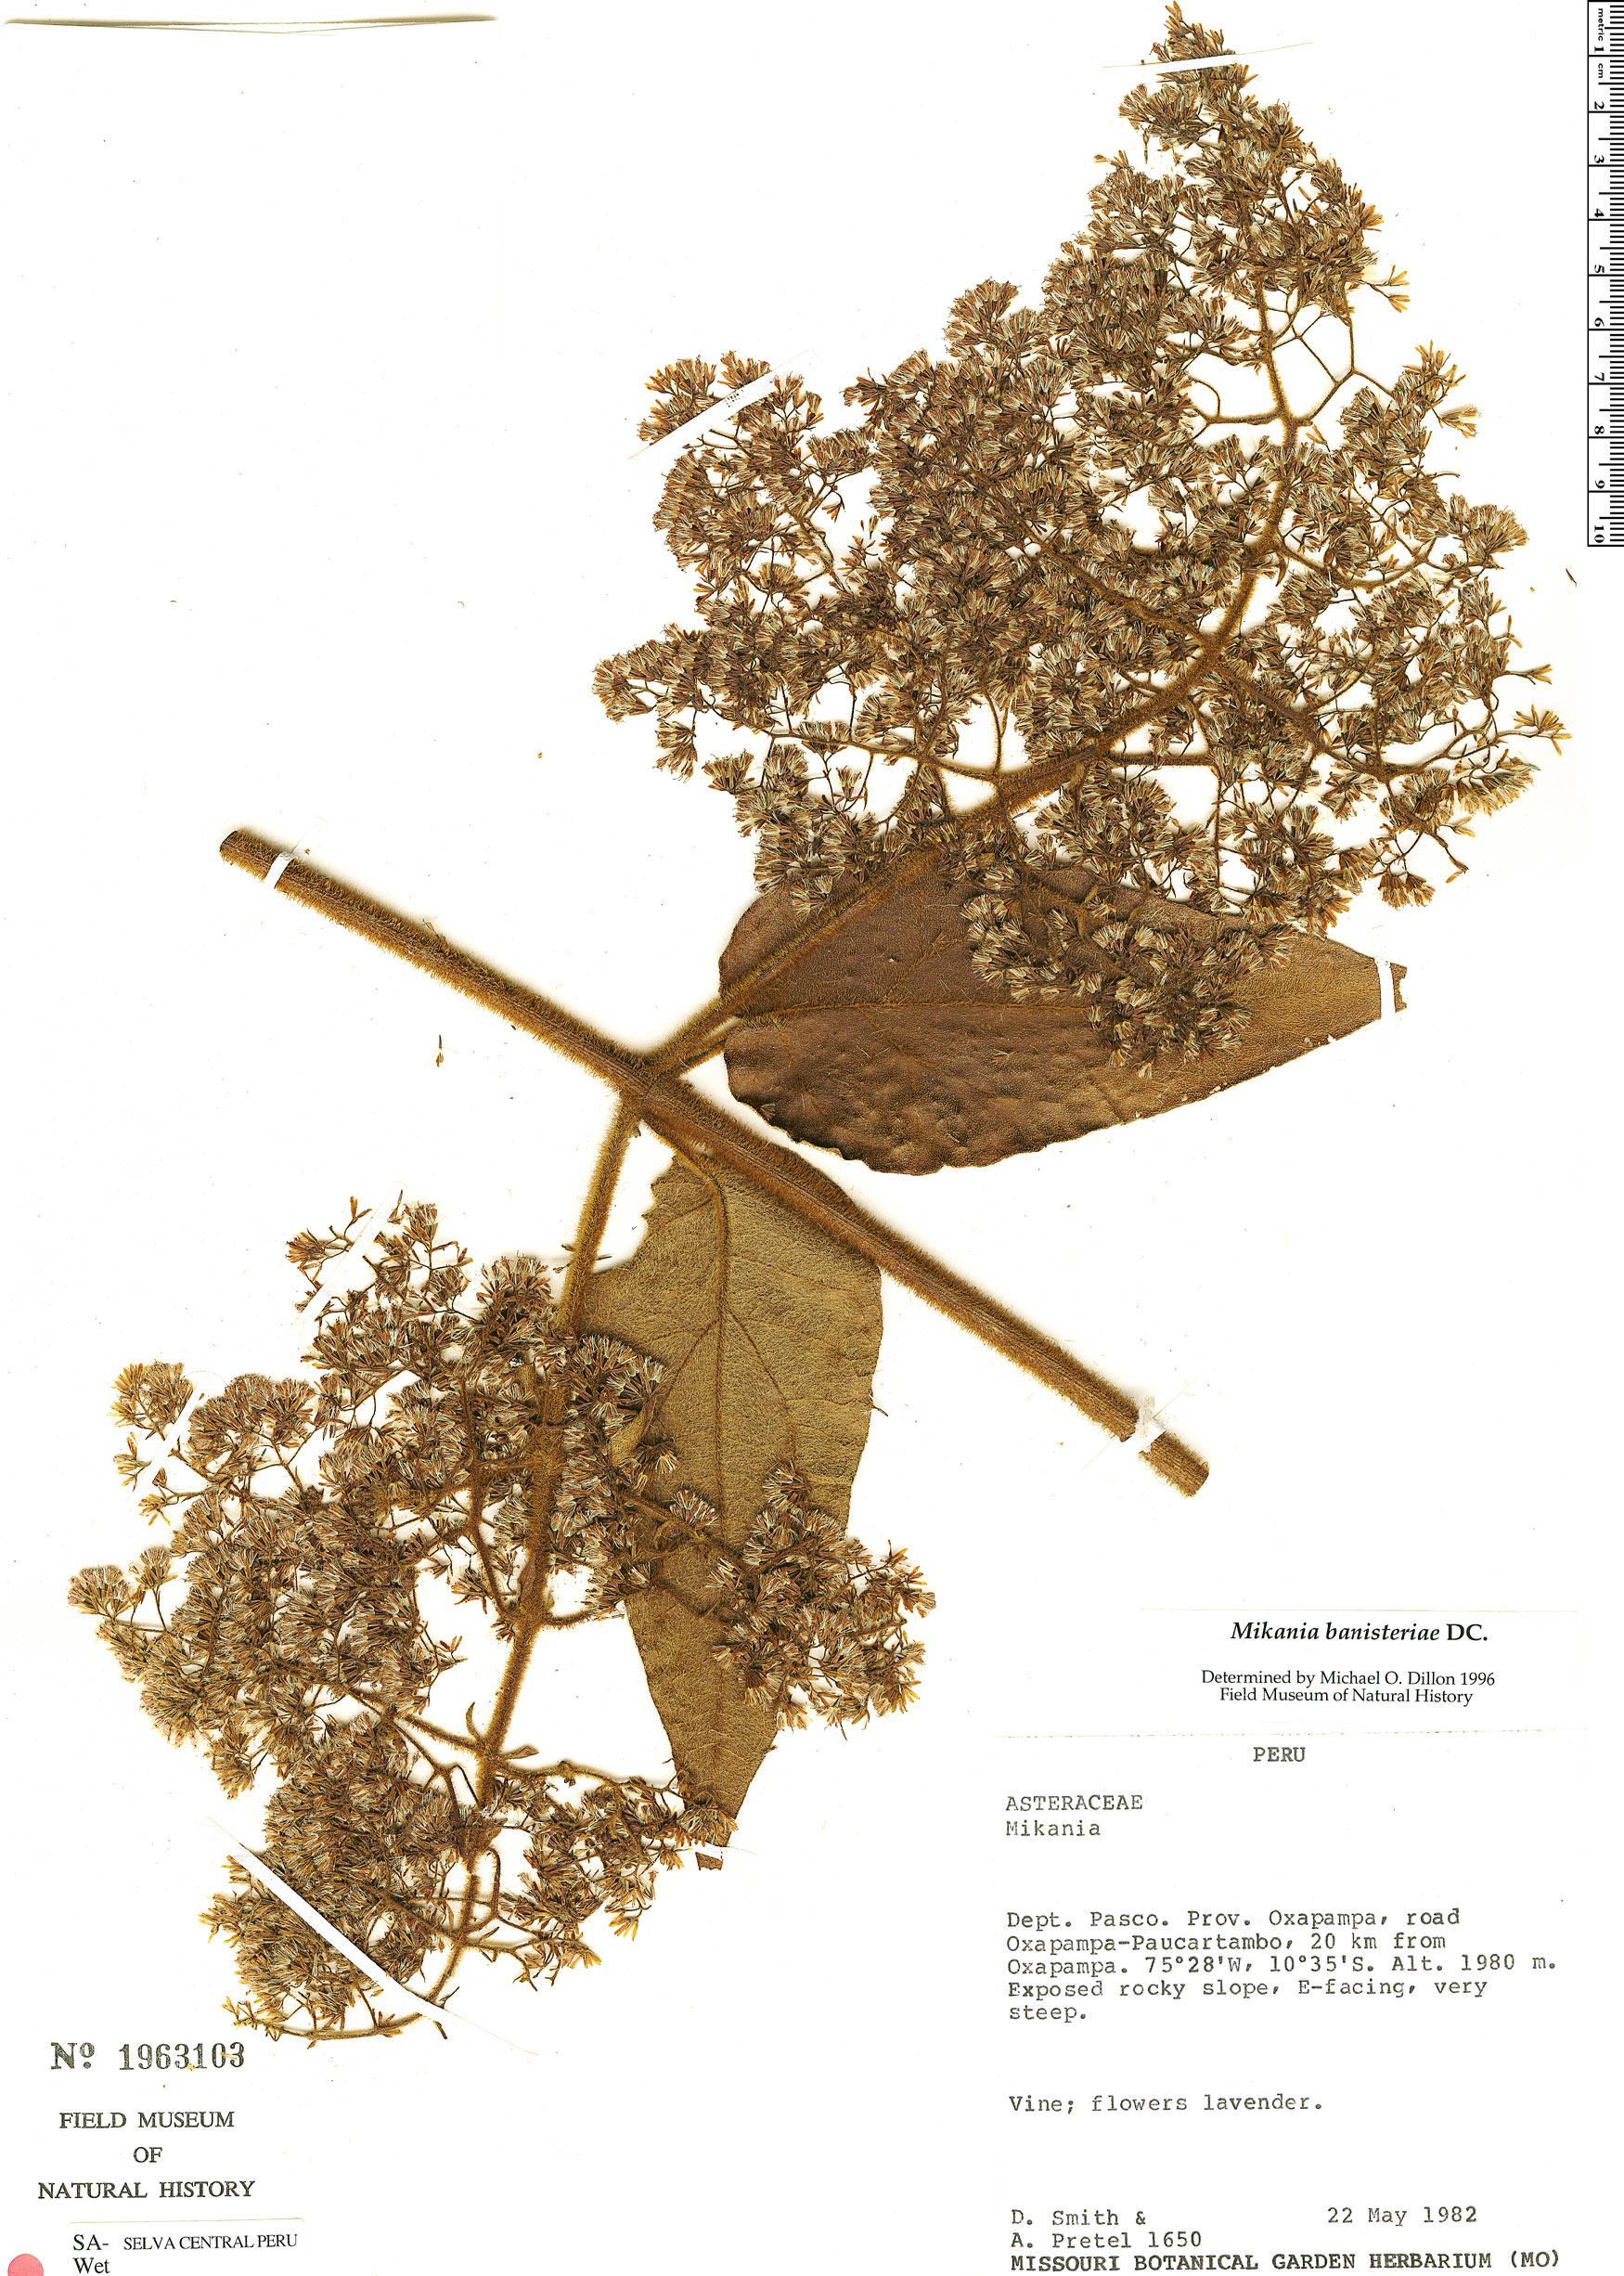 Specimen: Mikania banisteriae